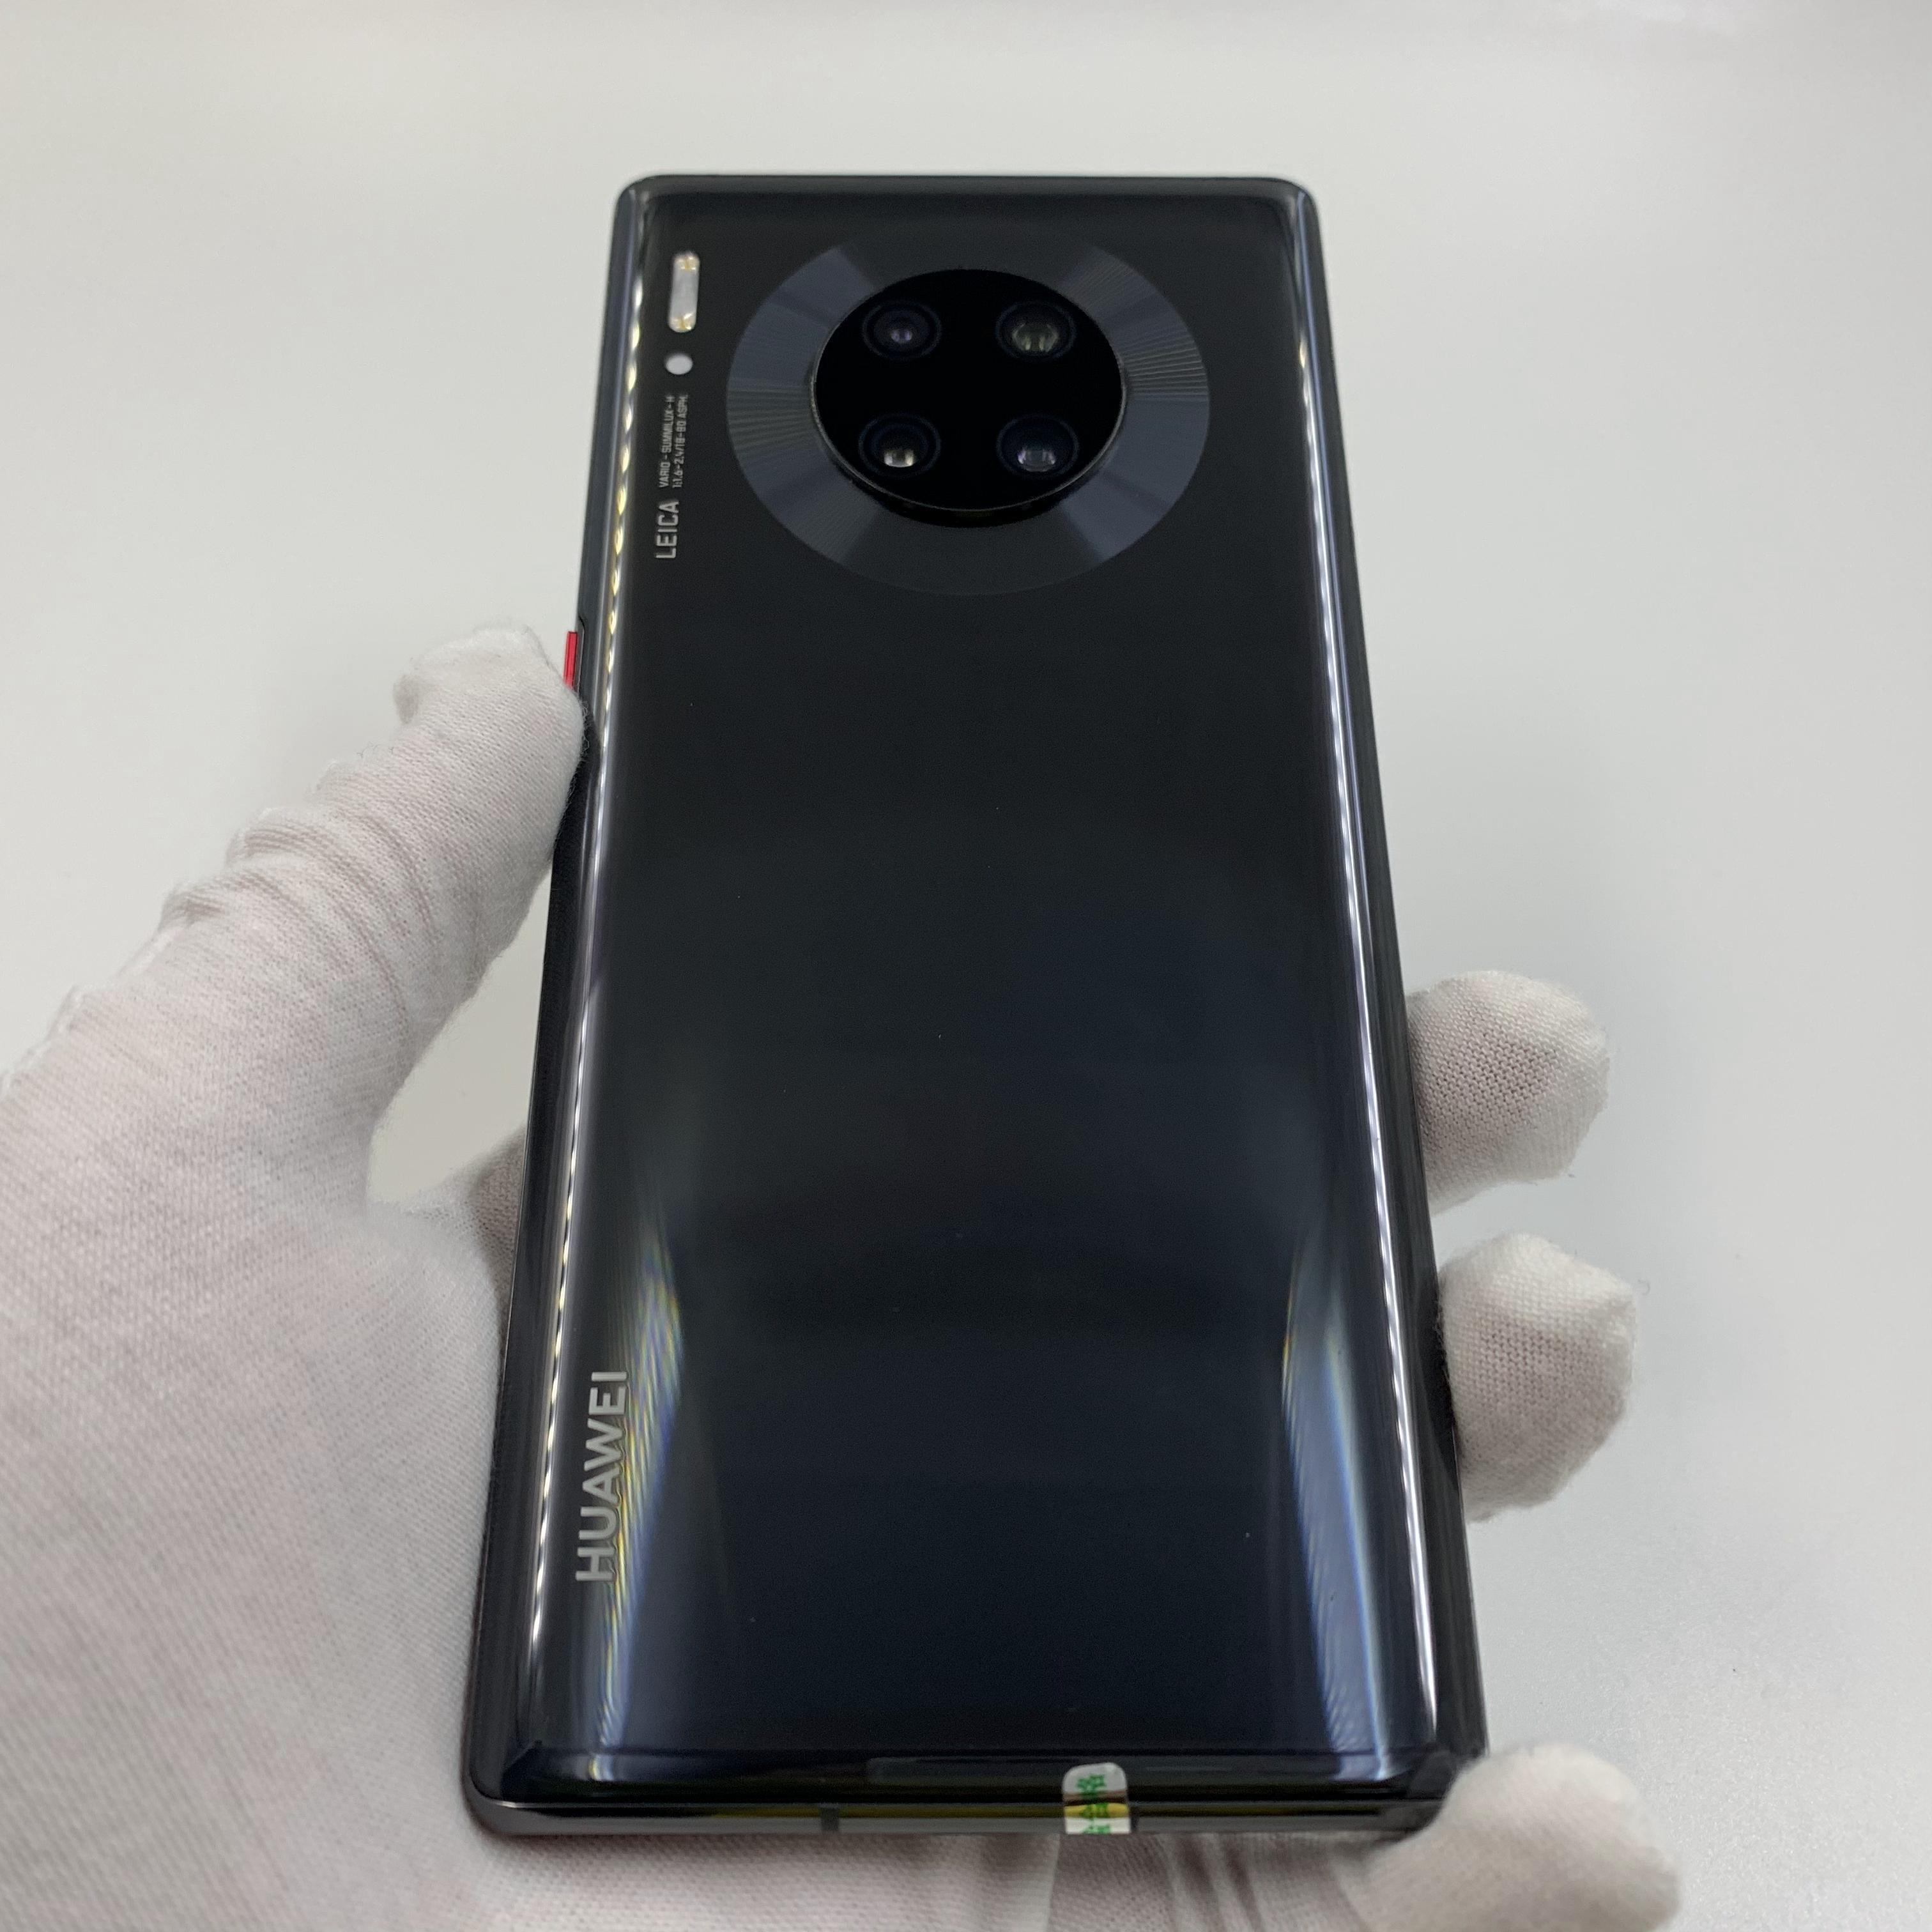 华为【Mate 30 Pro 5G】5G全网通 亮黑色 8G/256G 国行 9成新 真机实拍